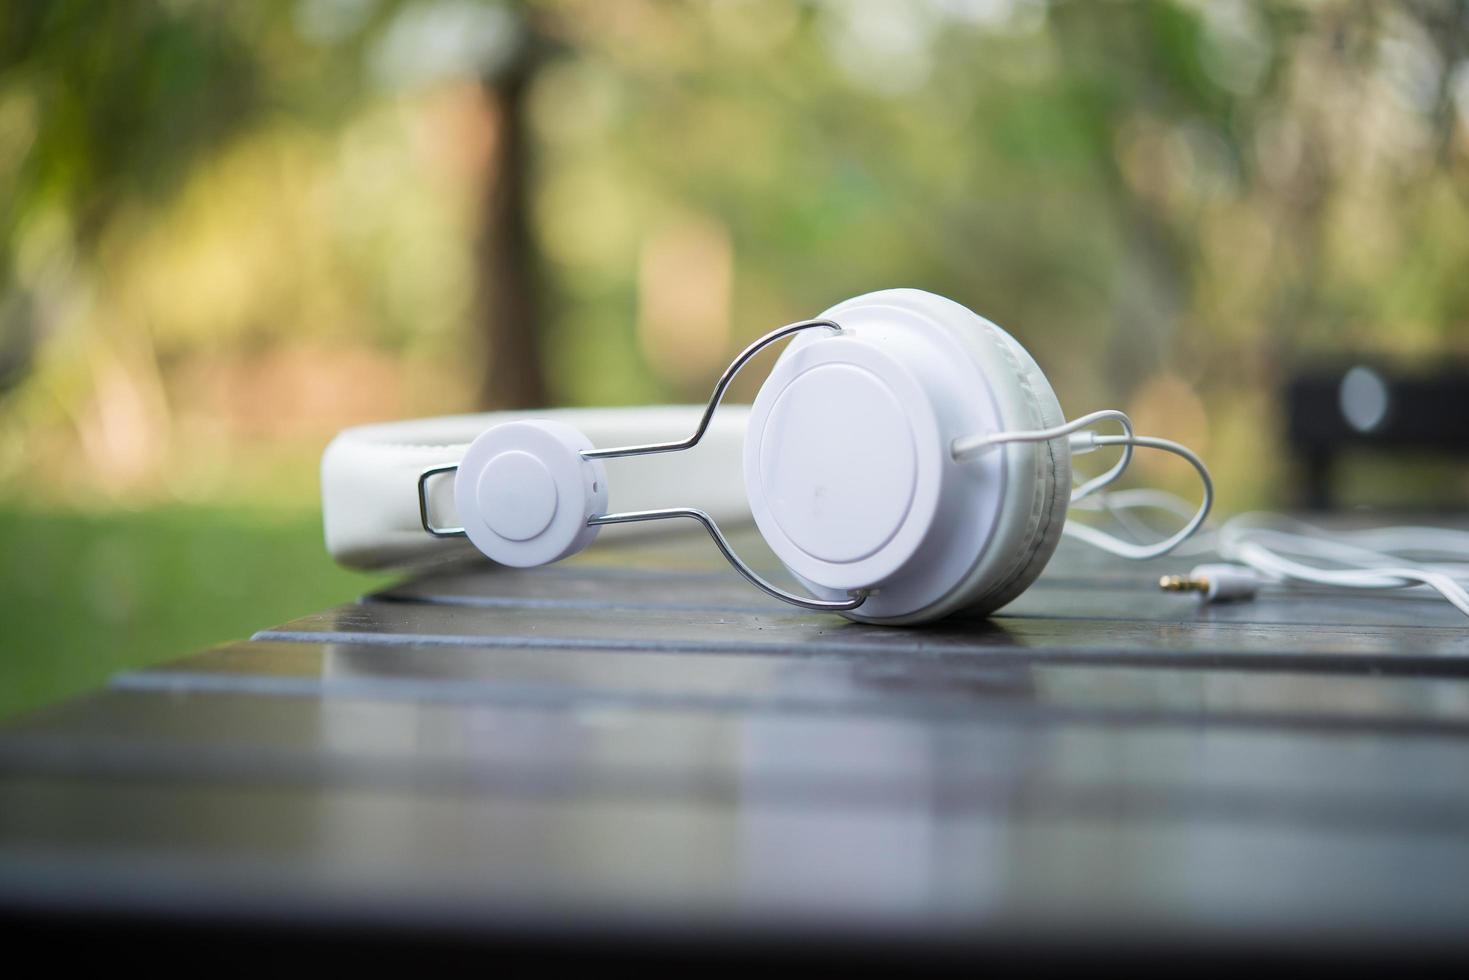 witte koptelefoon op houten tafel met natuur achtergrond foto